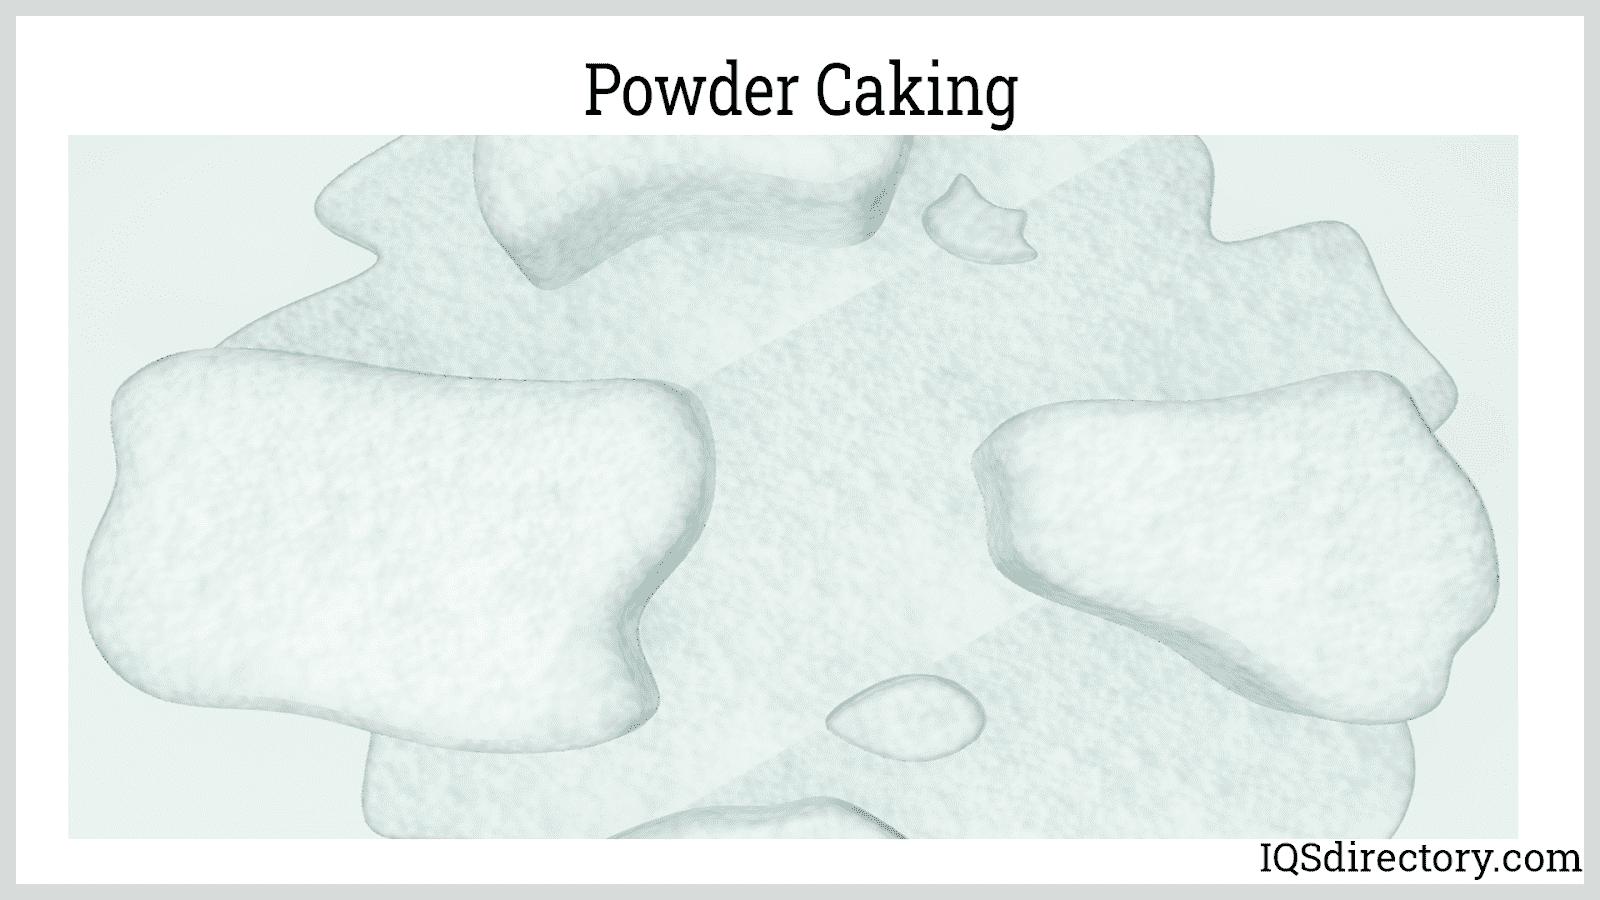 Powder Caking